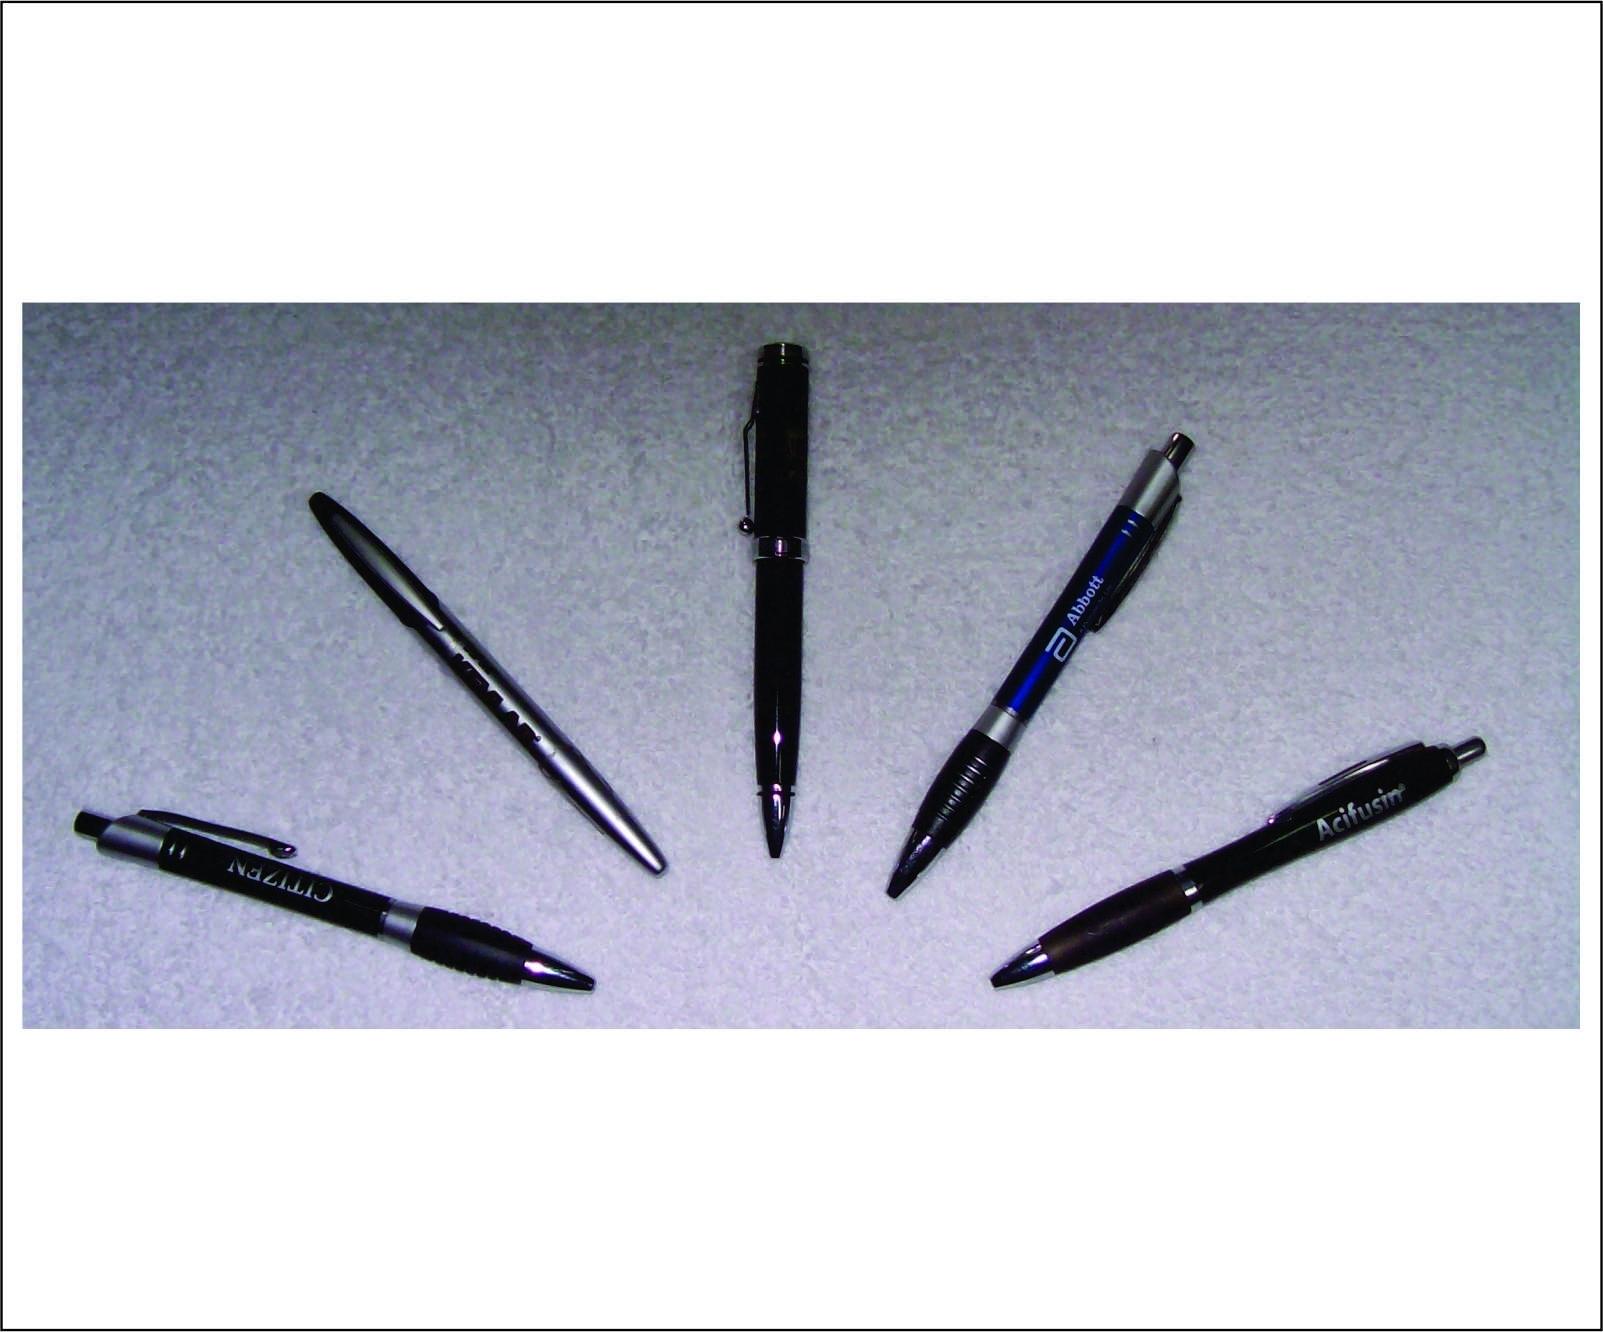 Boligrafos-Metalicos